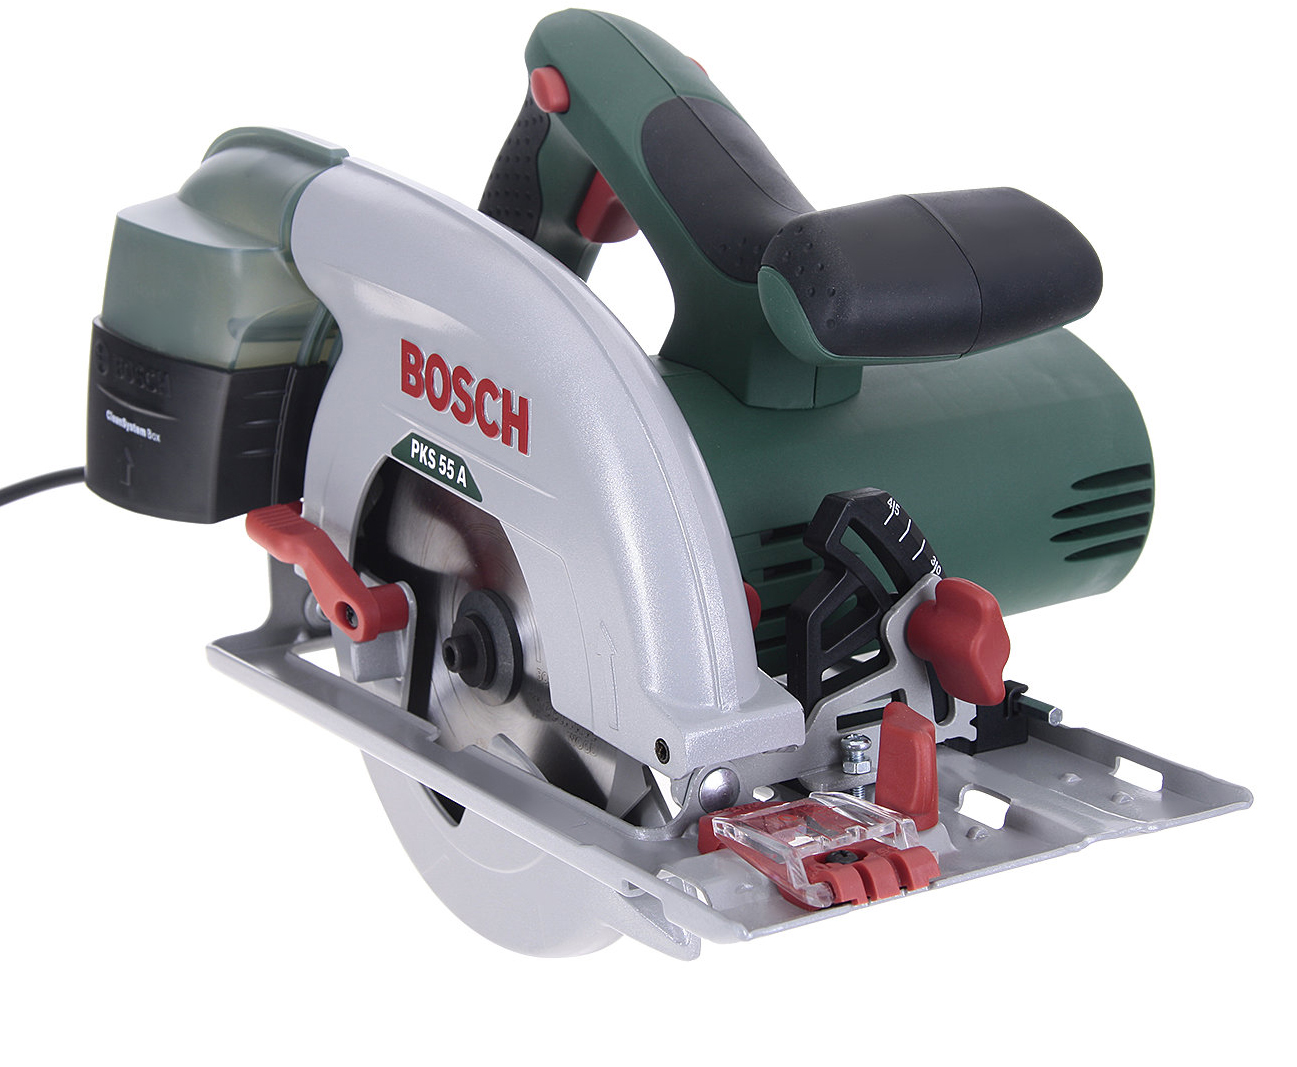 Пила циркулярная Bosch Pks 55 a (0.603.501.020) аккумуляторная дисковая пила bosch pks 18 li 2 5ah x1 06033b1302